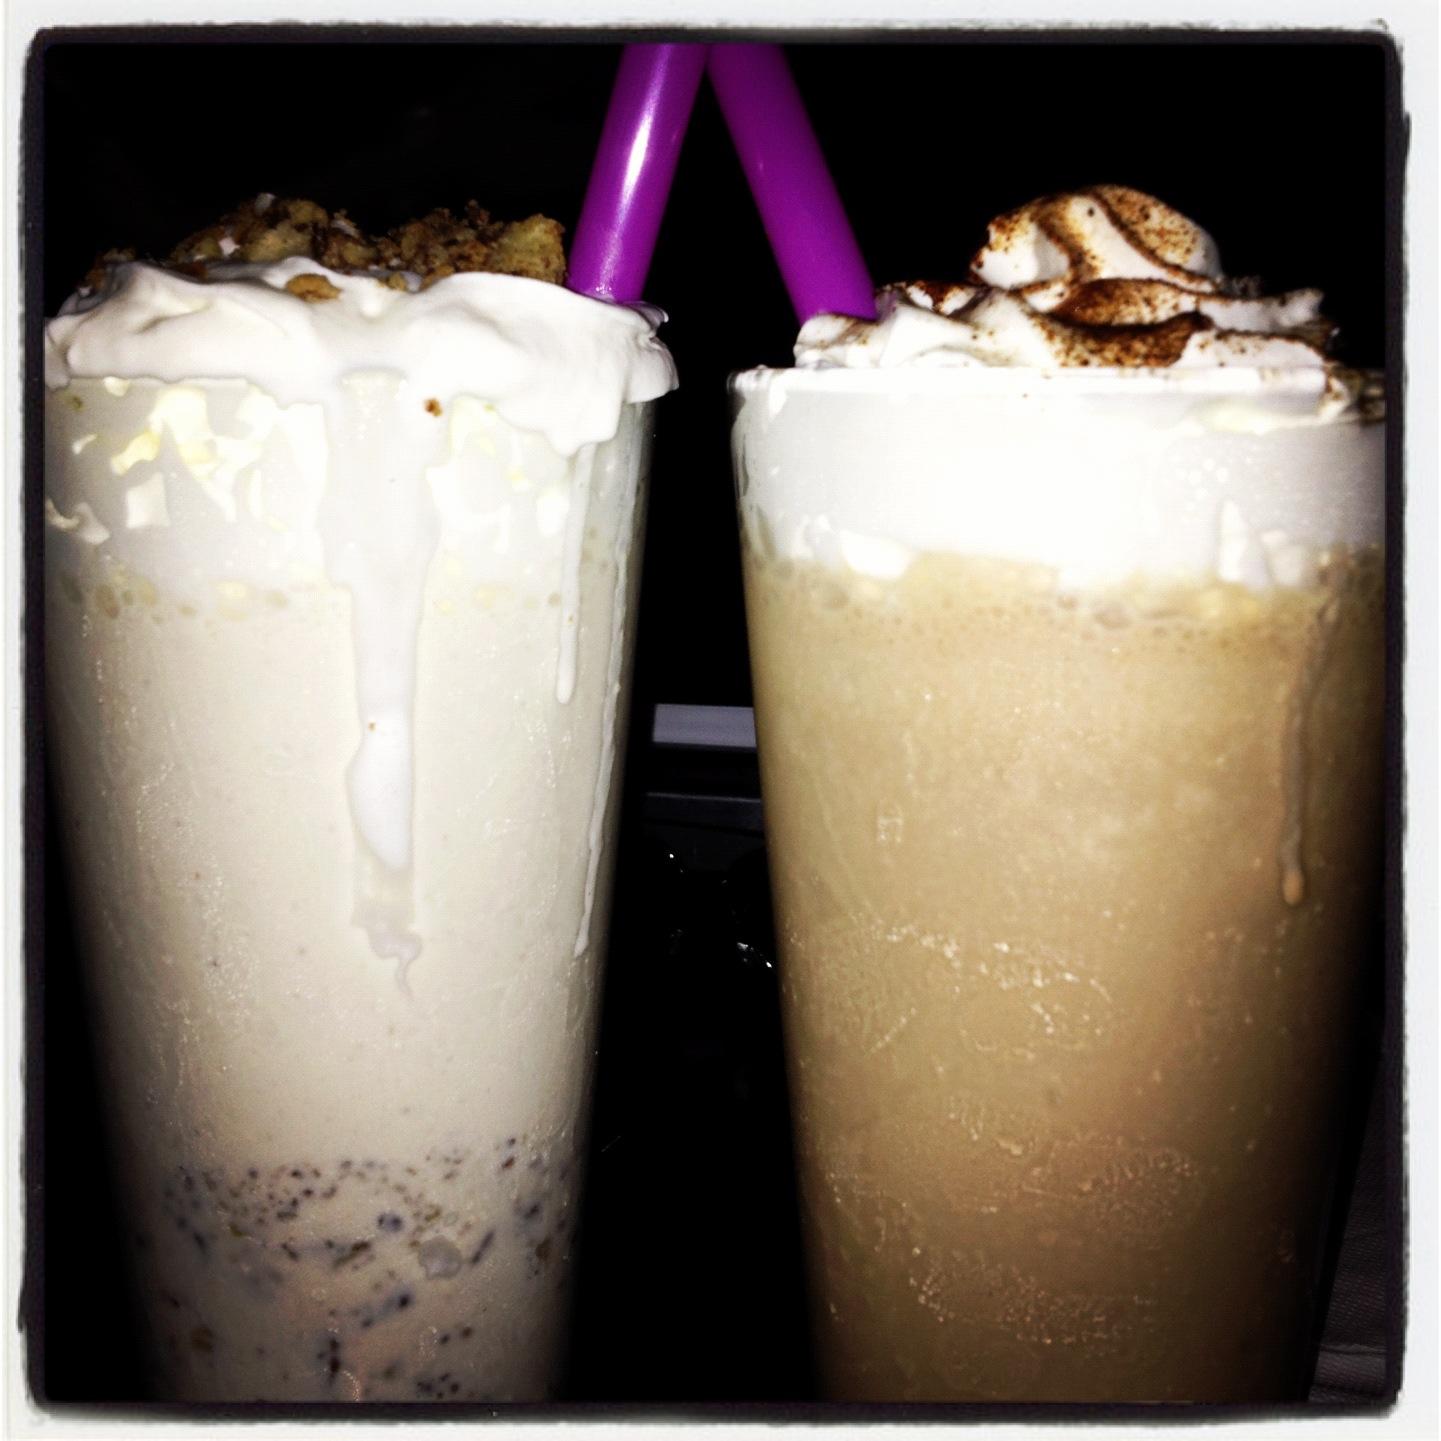 Milkshakes from Alamo Drafthouse